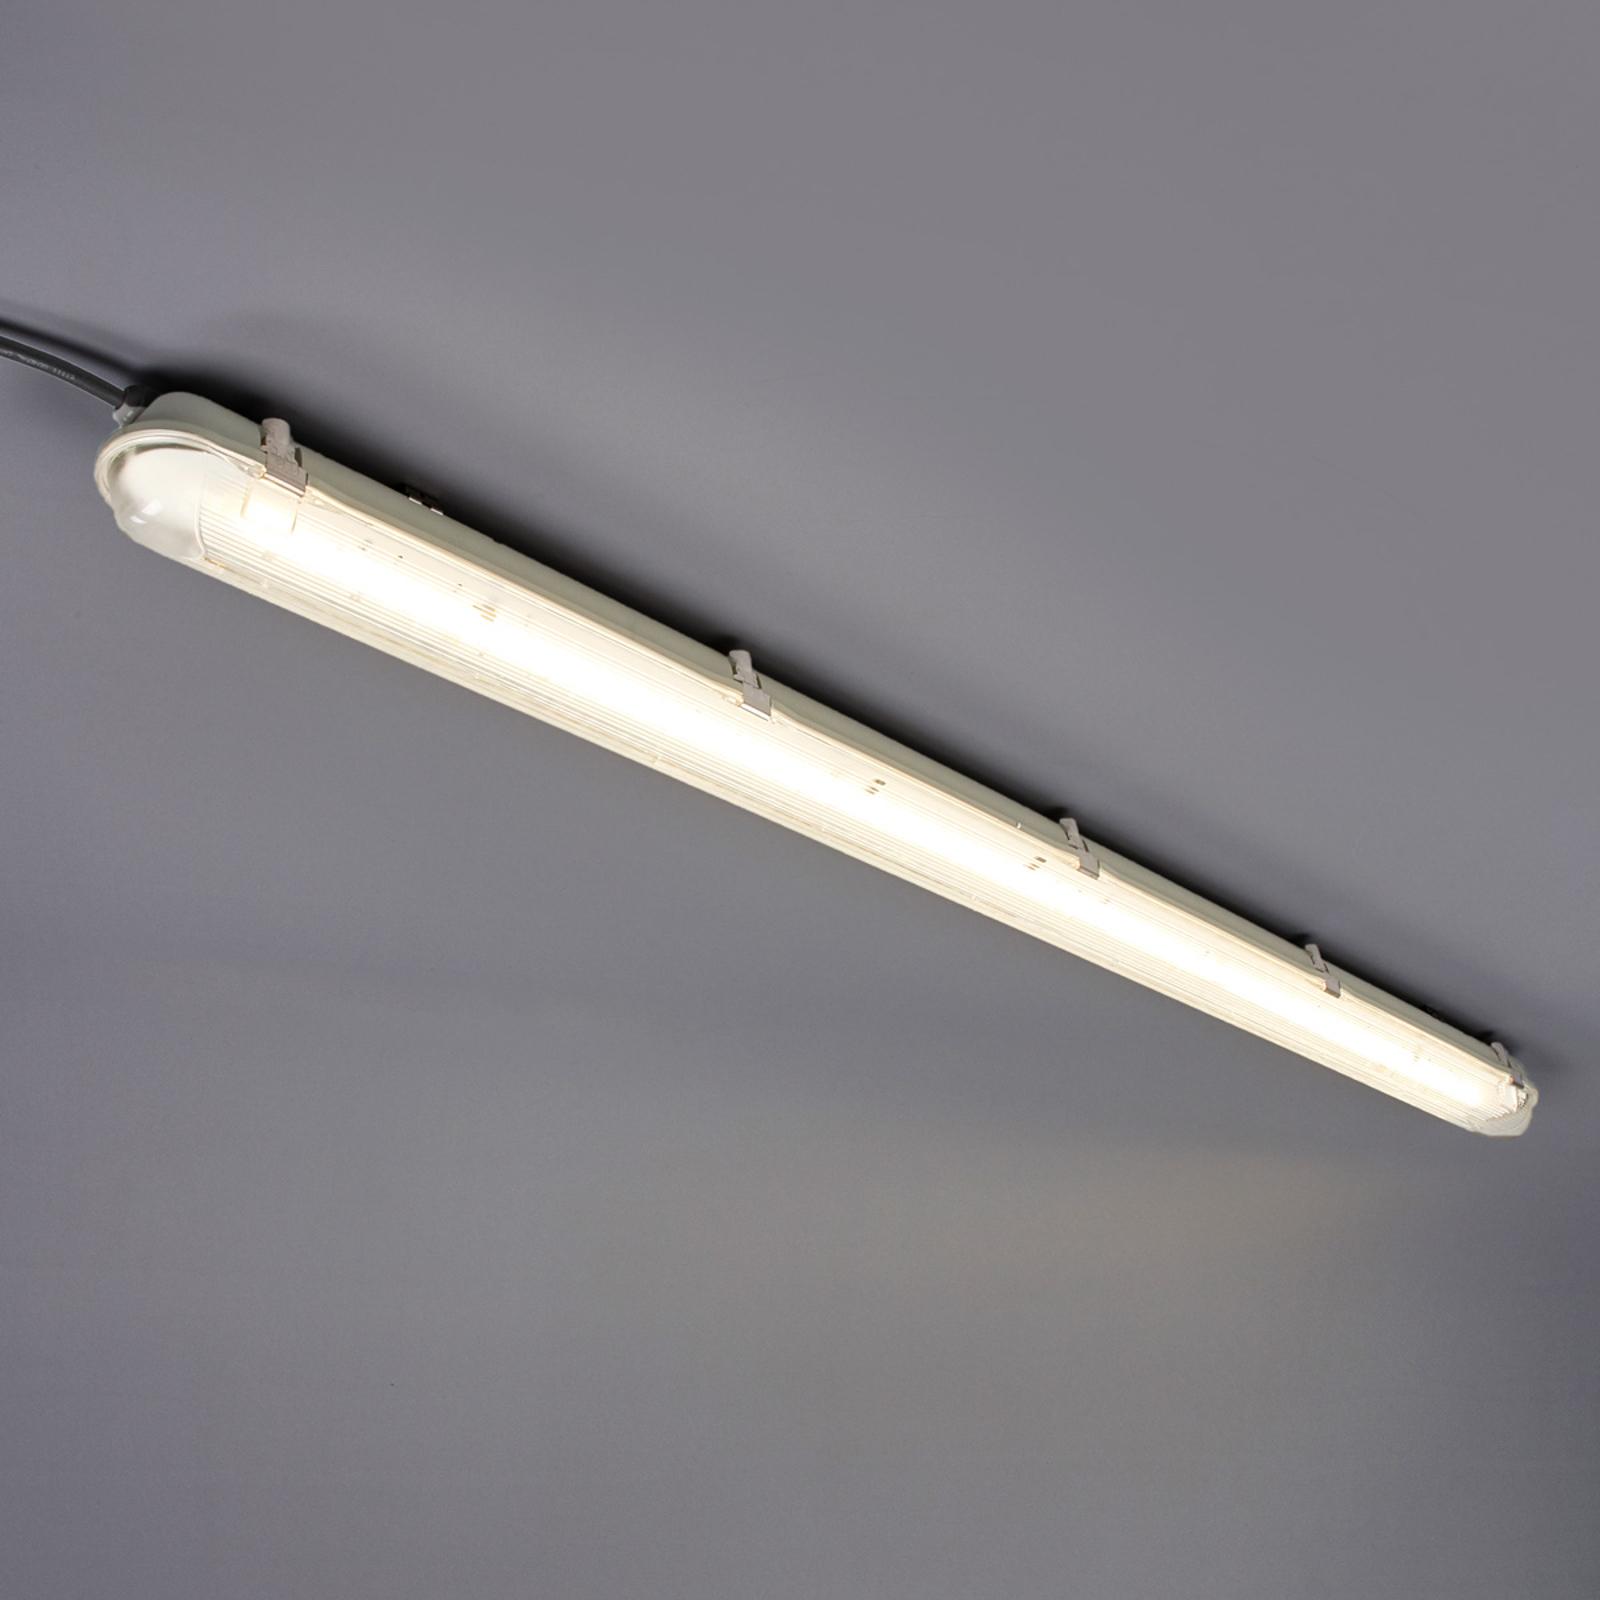 LED kuiplamp voor vochtige ruimtes, 34 W